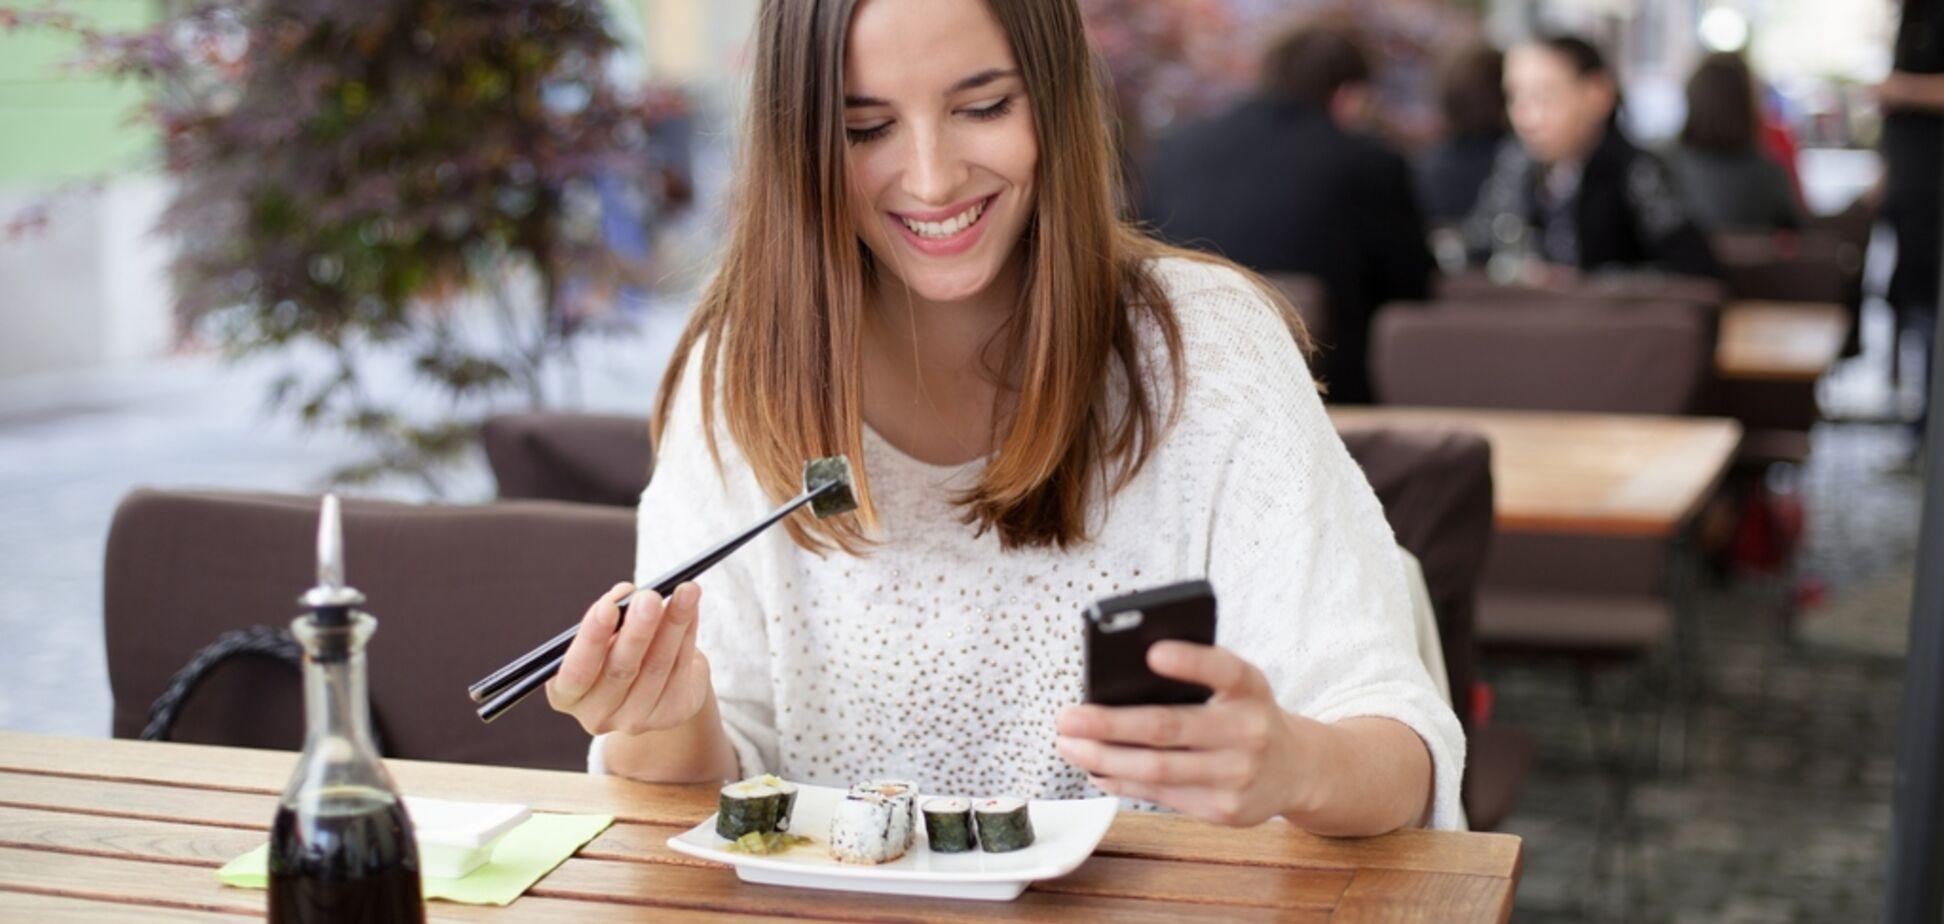 Біолог вивчила суші в ресторанах і жахнулася